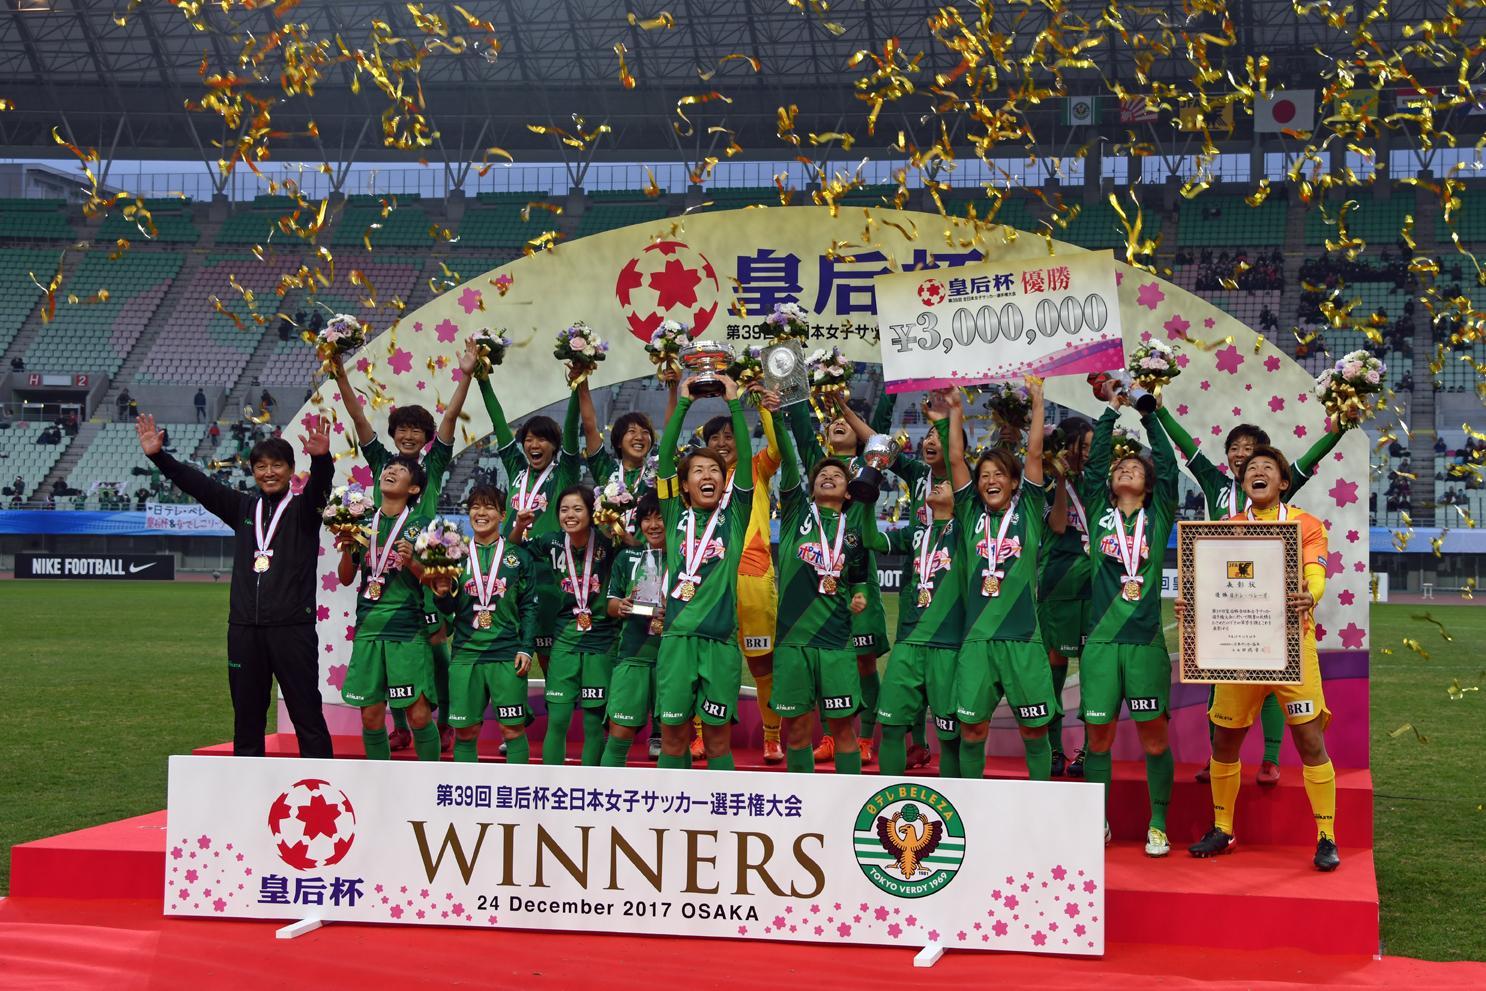 3年ぶりの皇后杯戴冠と、今年2冠の達成に喜びを爆発させる日テレ・ベレーザの選手たち